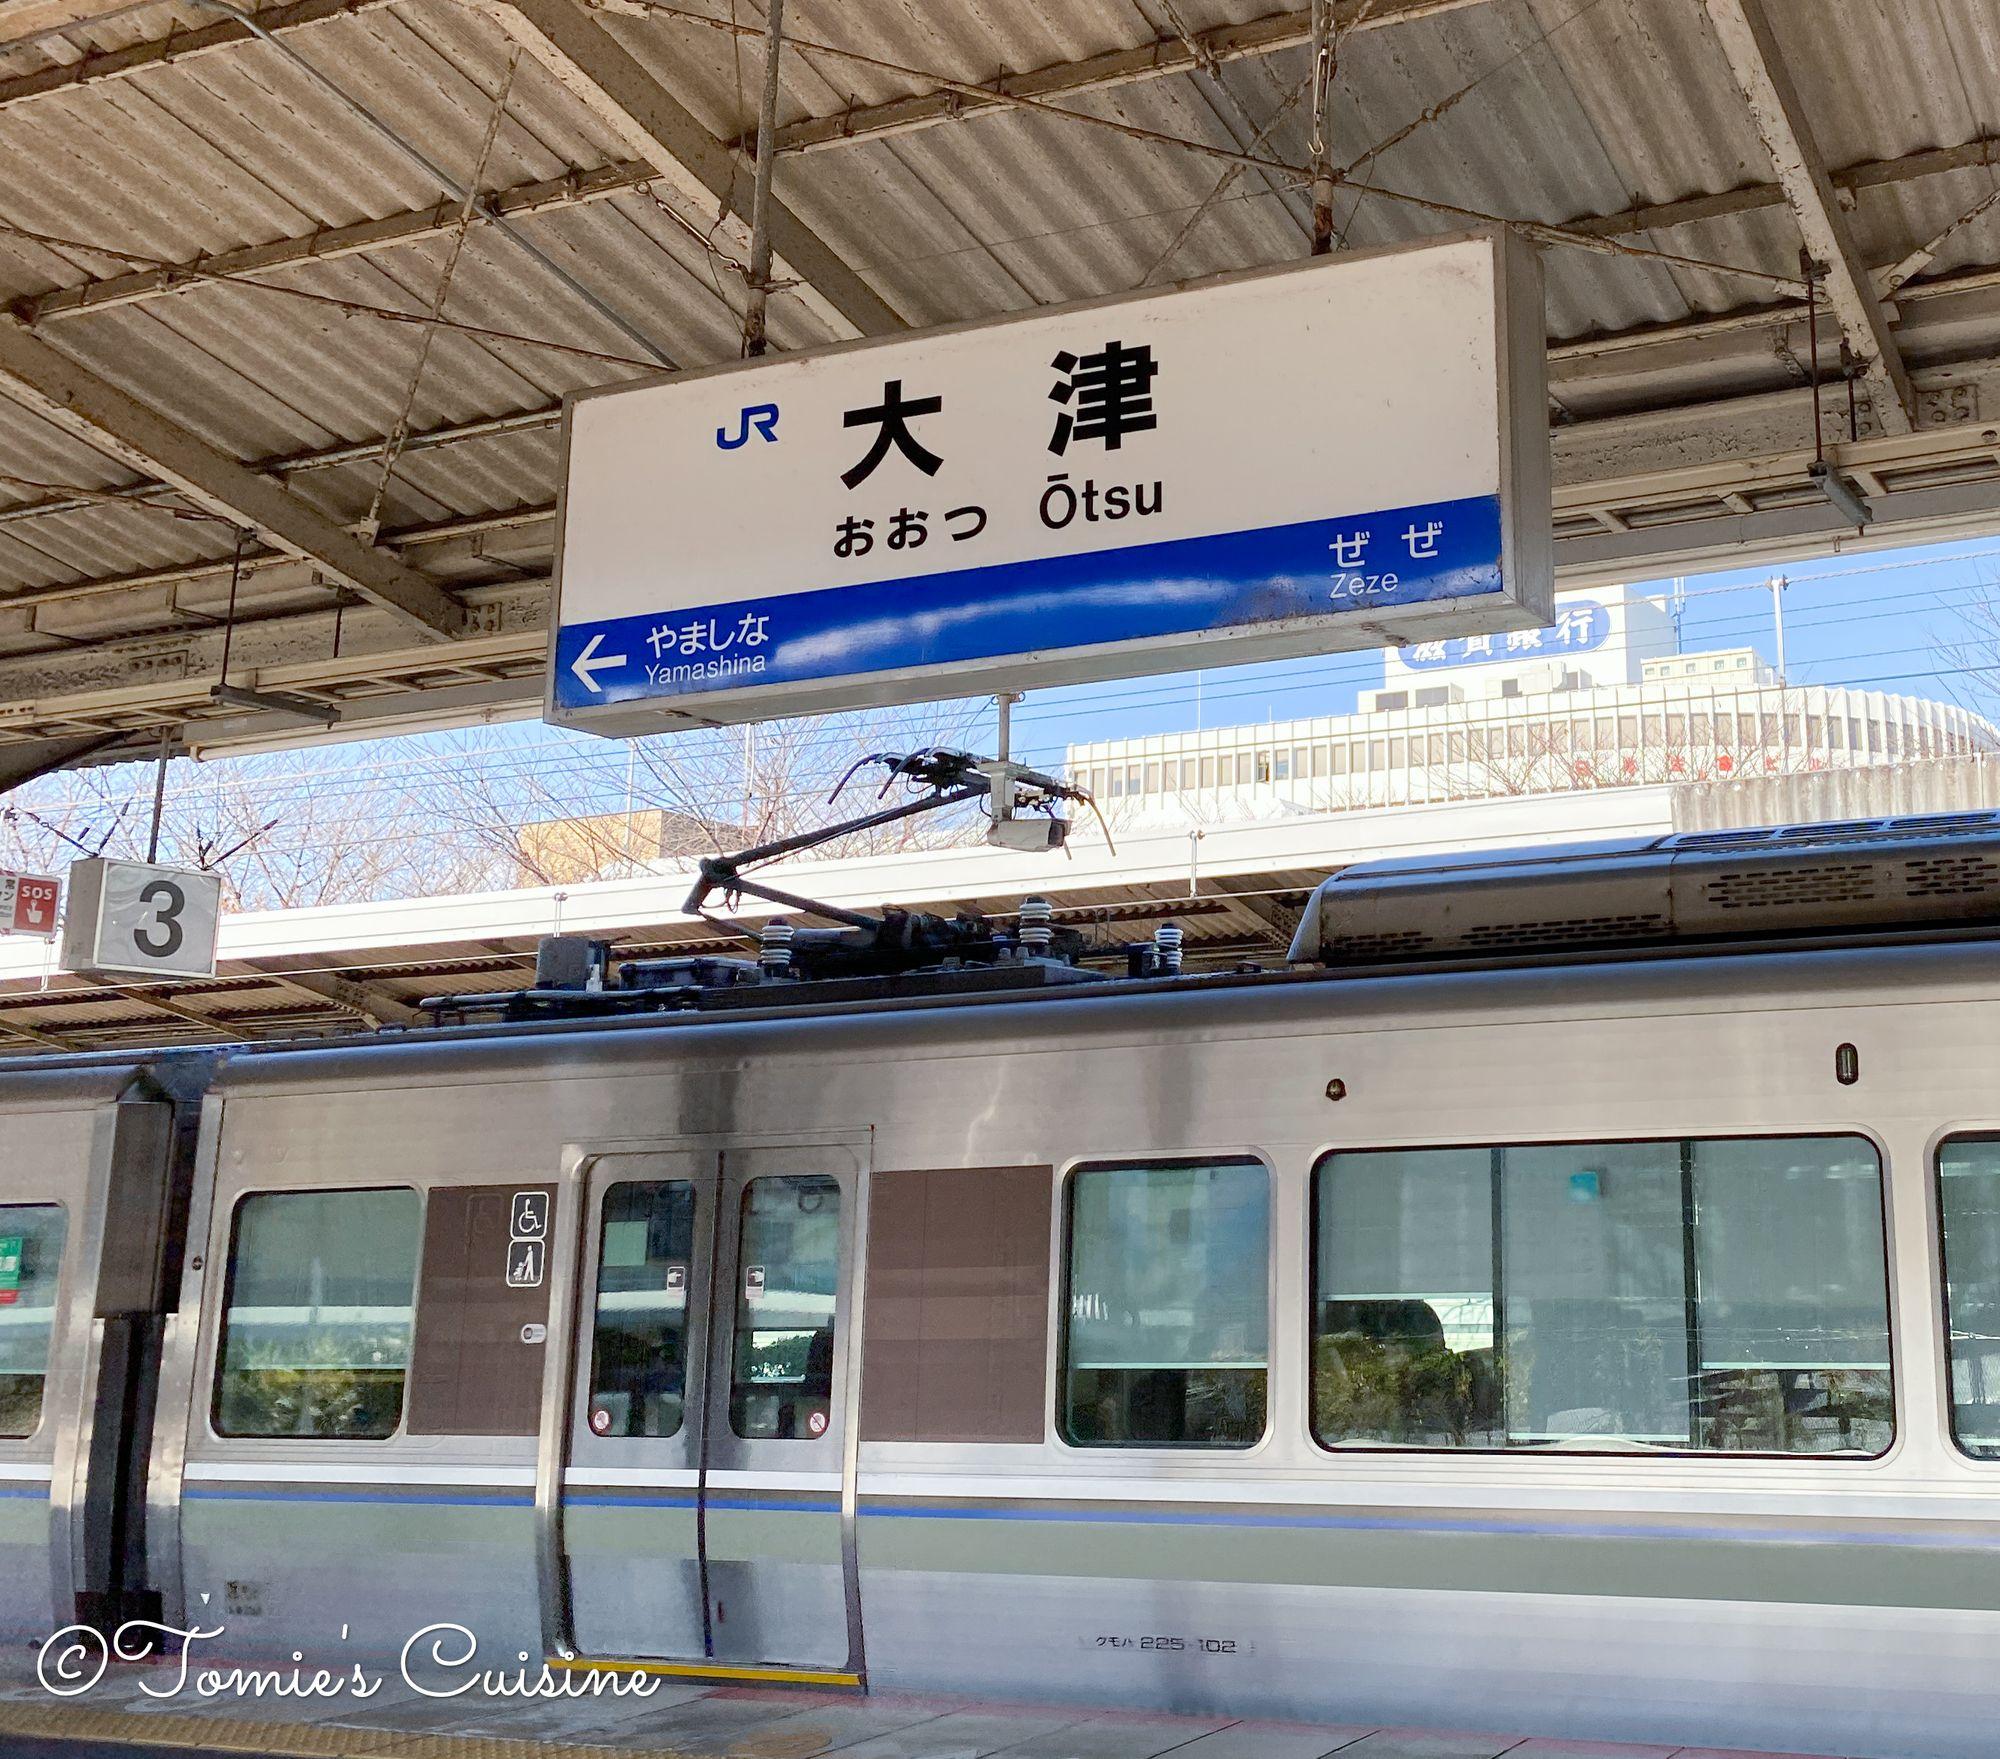 Otsu station sign